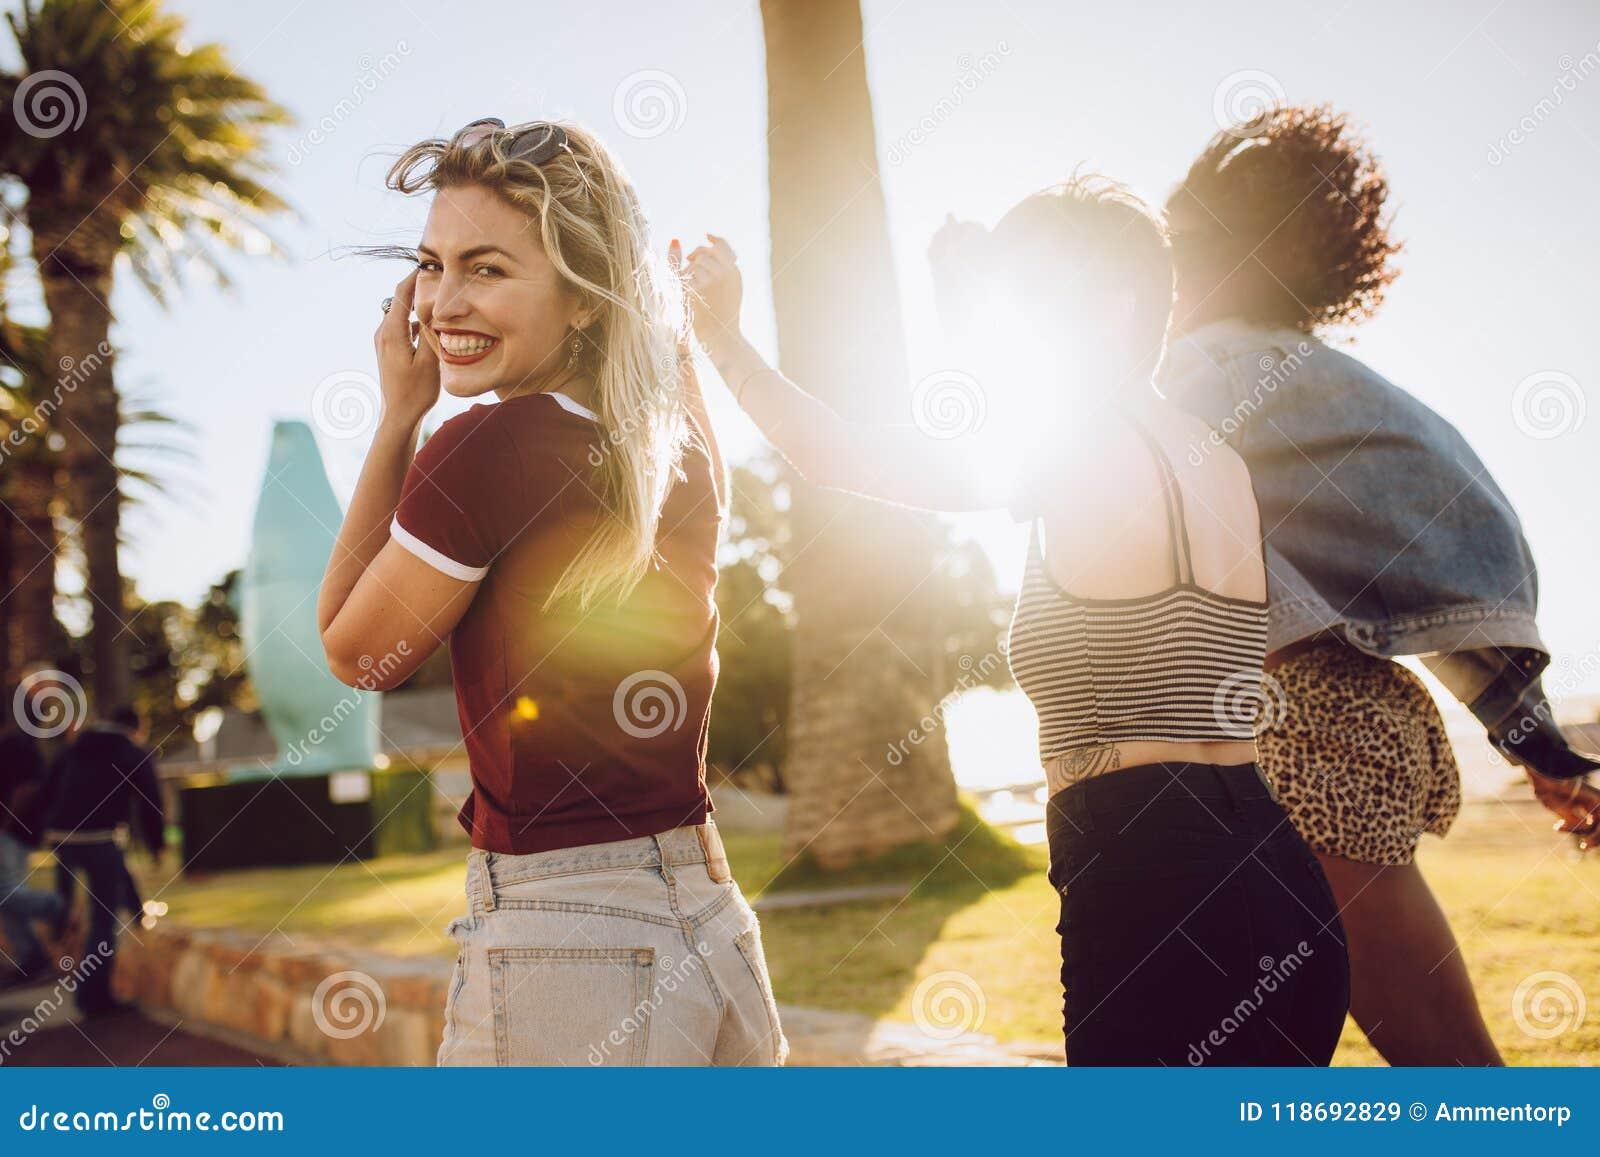 Grupo de amigos que apreciam-se em um parque